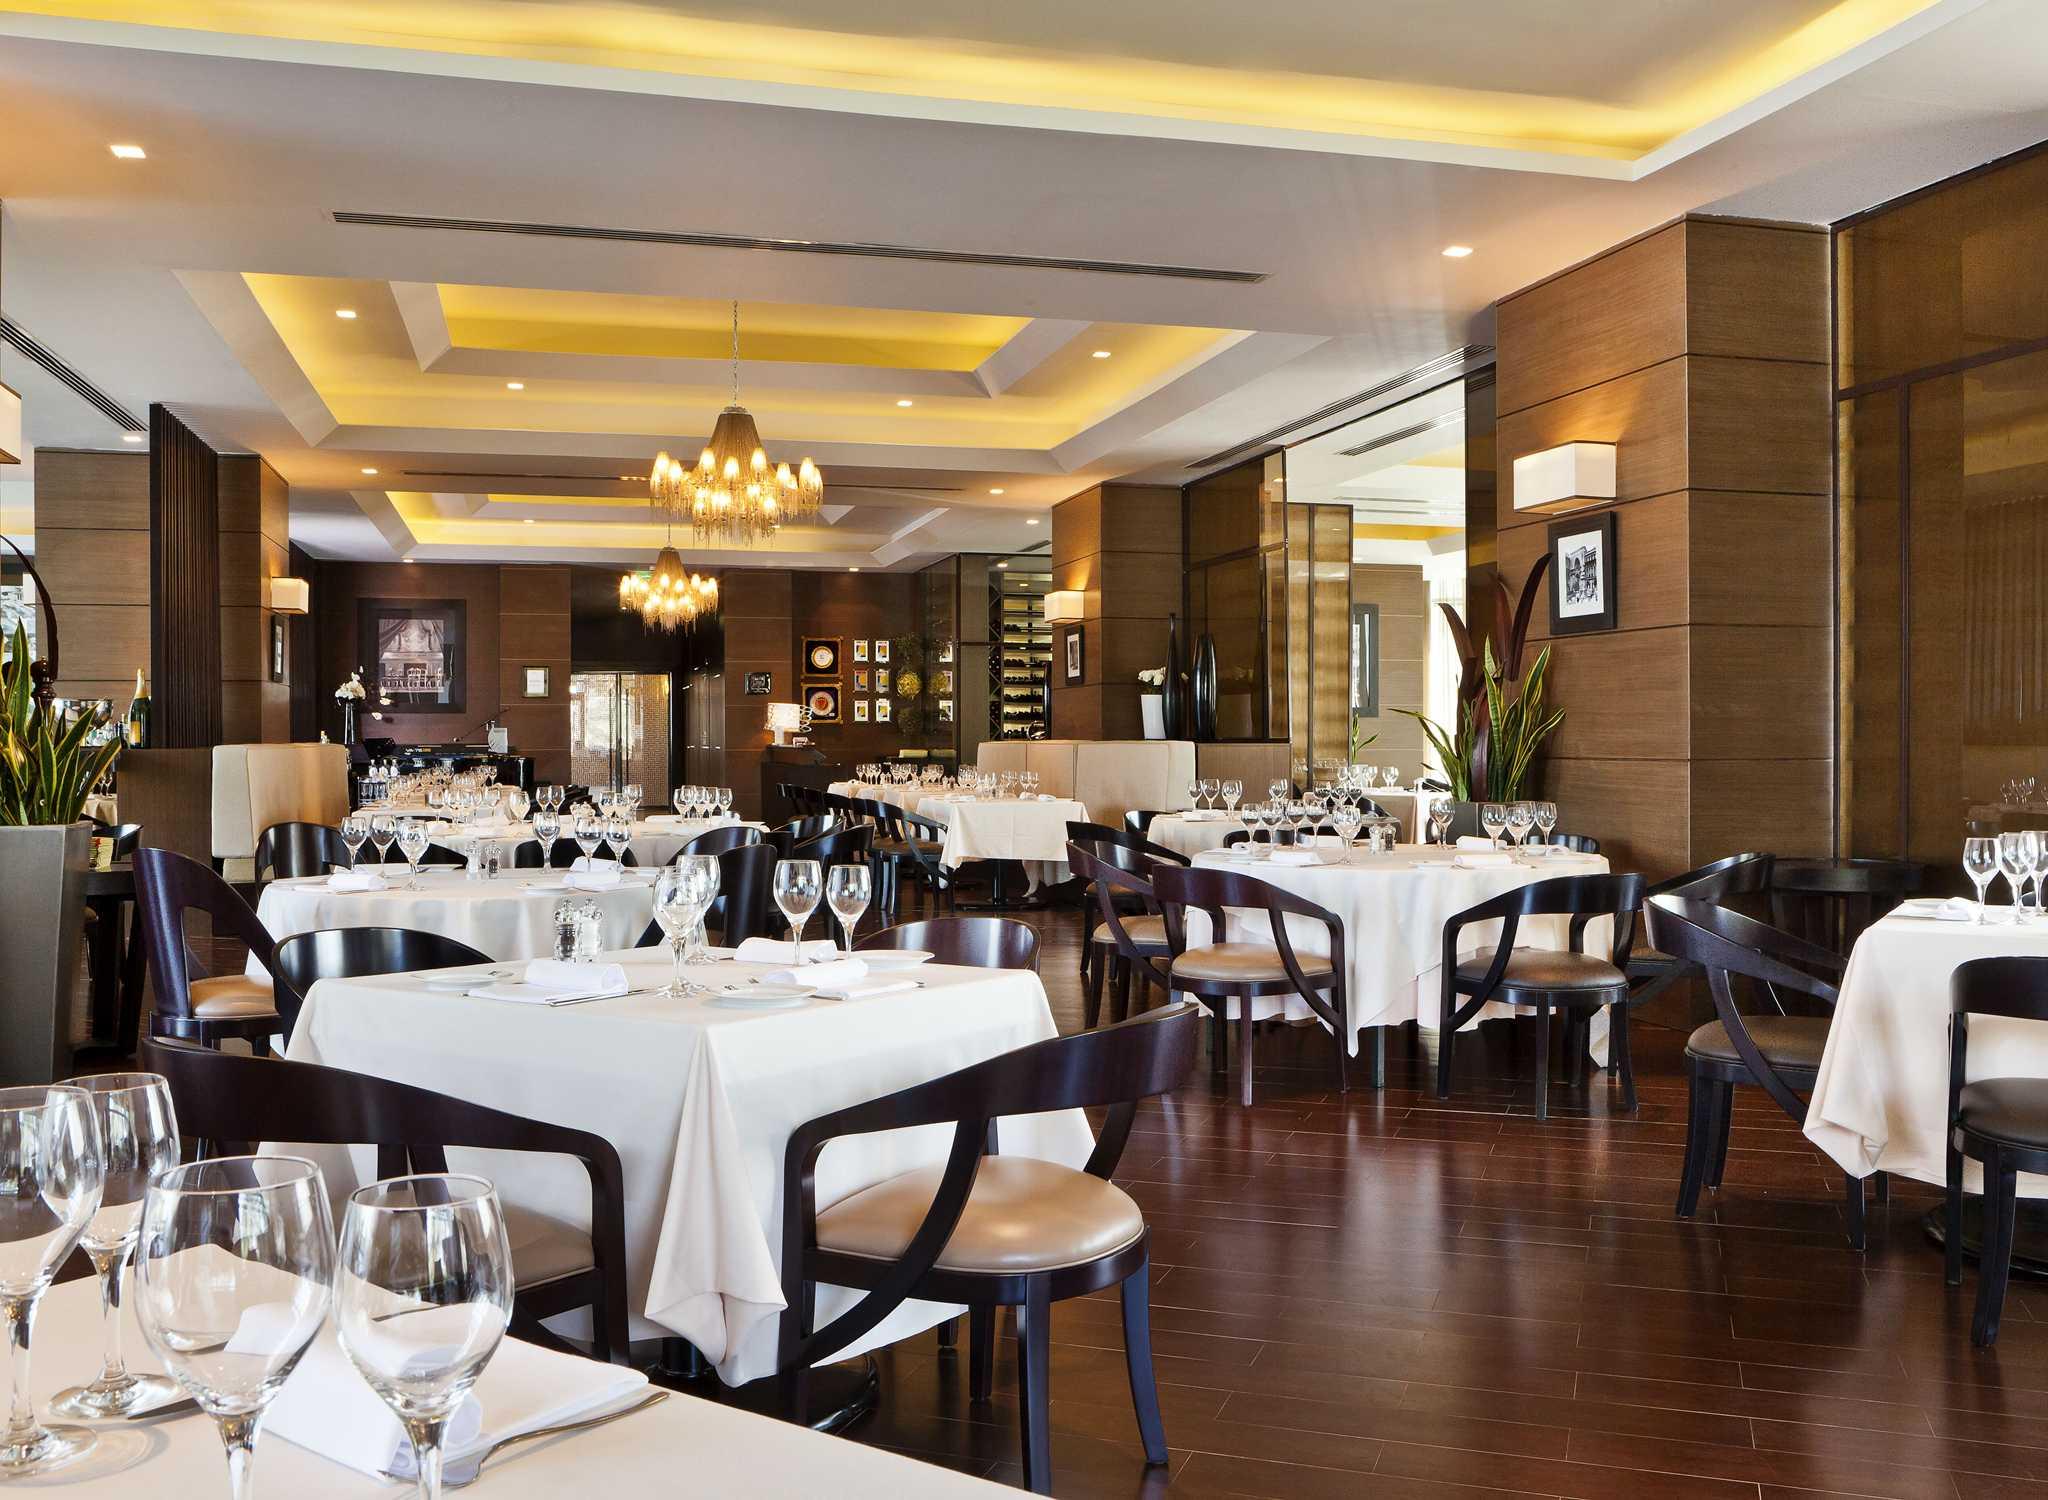 Hilton hotels resorts emirati arabi uniti for Boutique hotel definizione